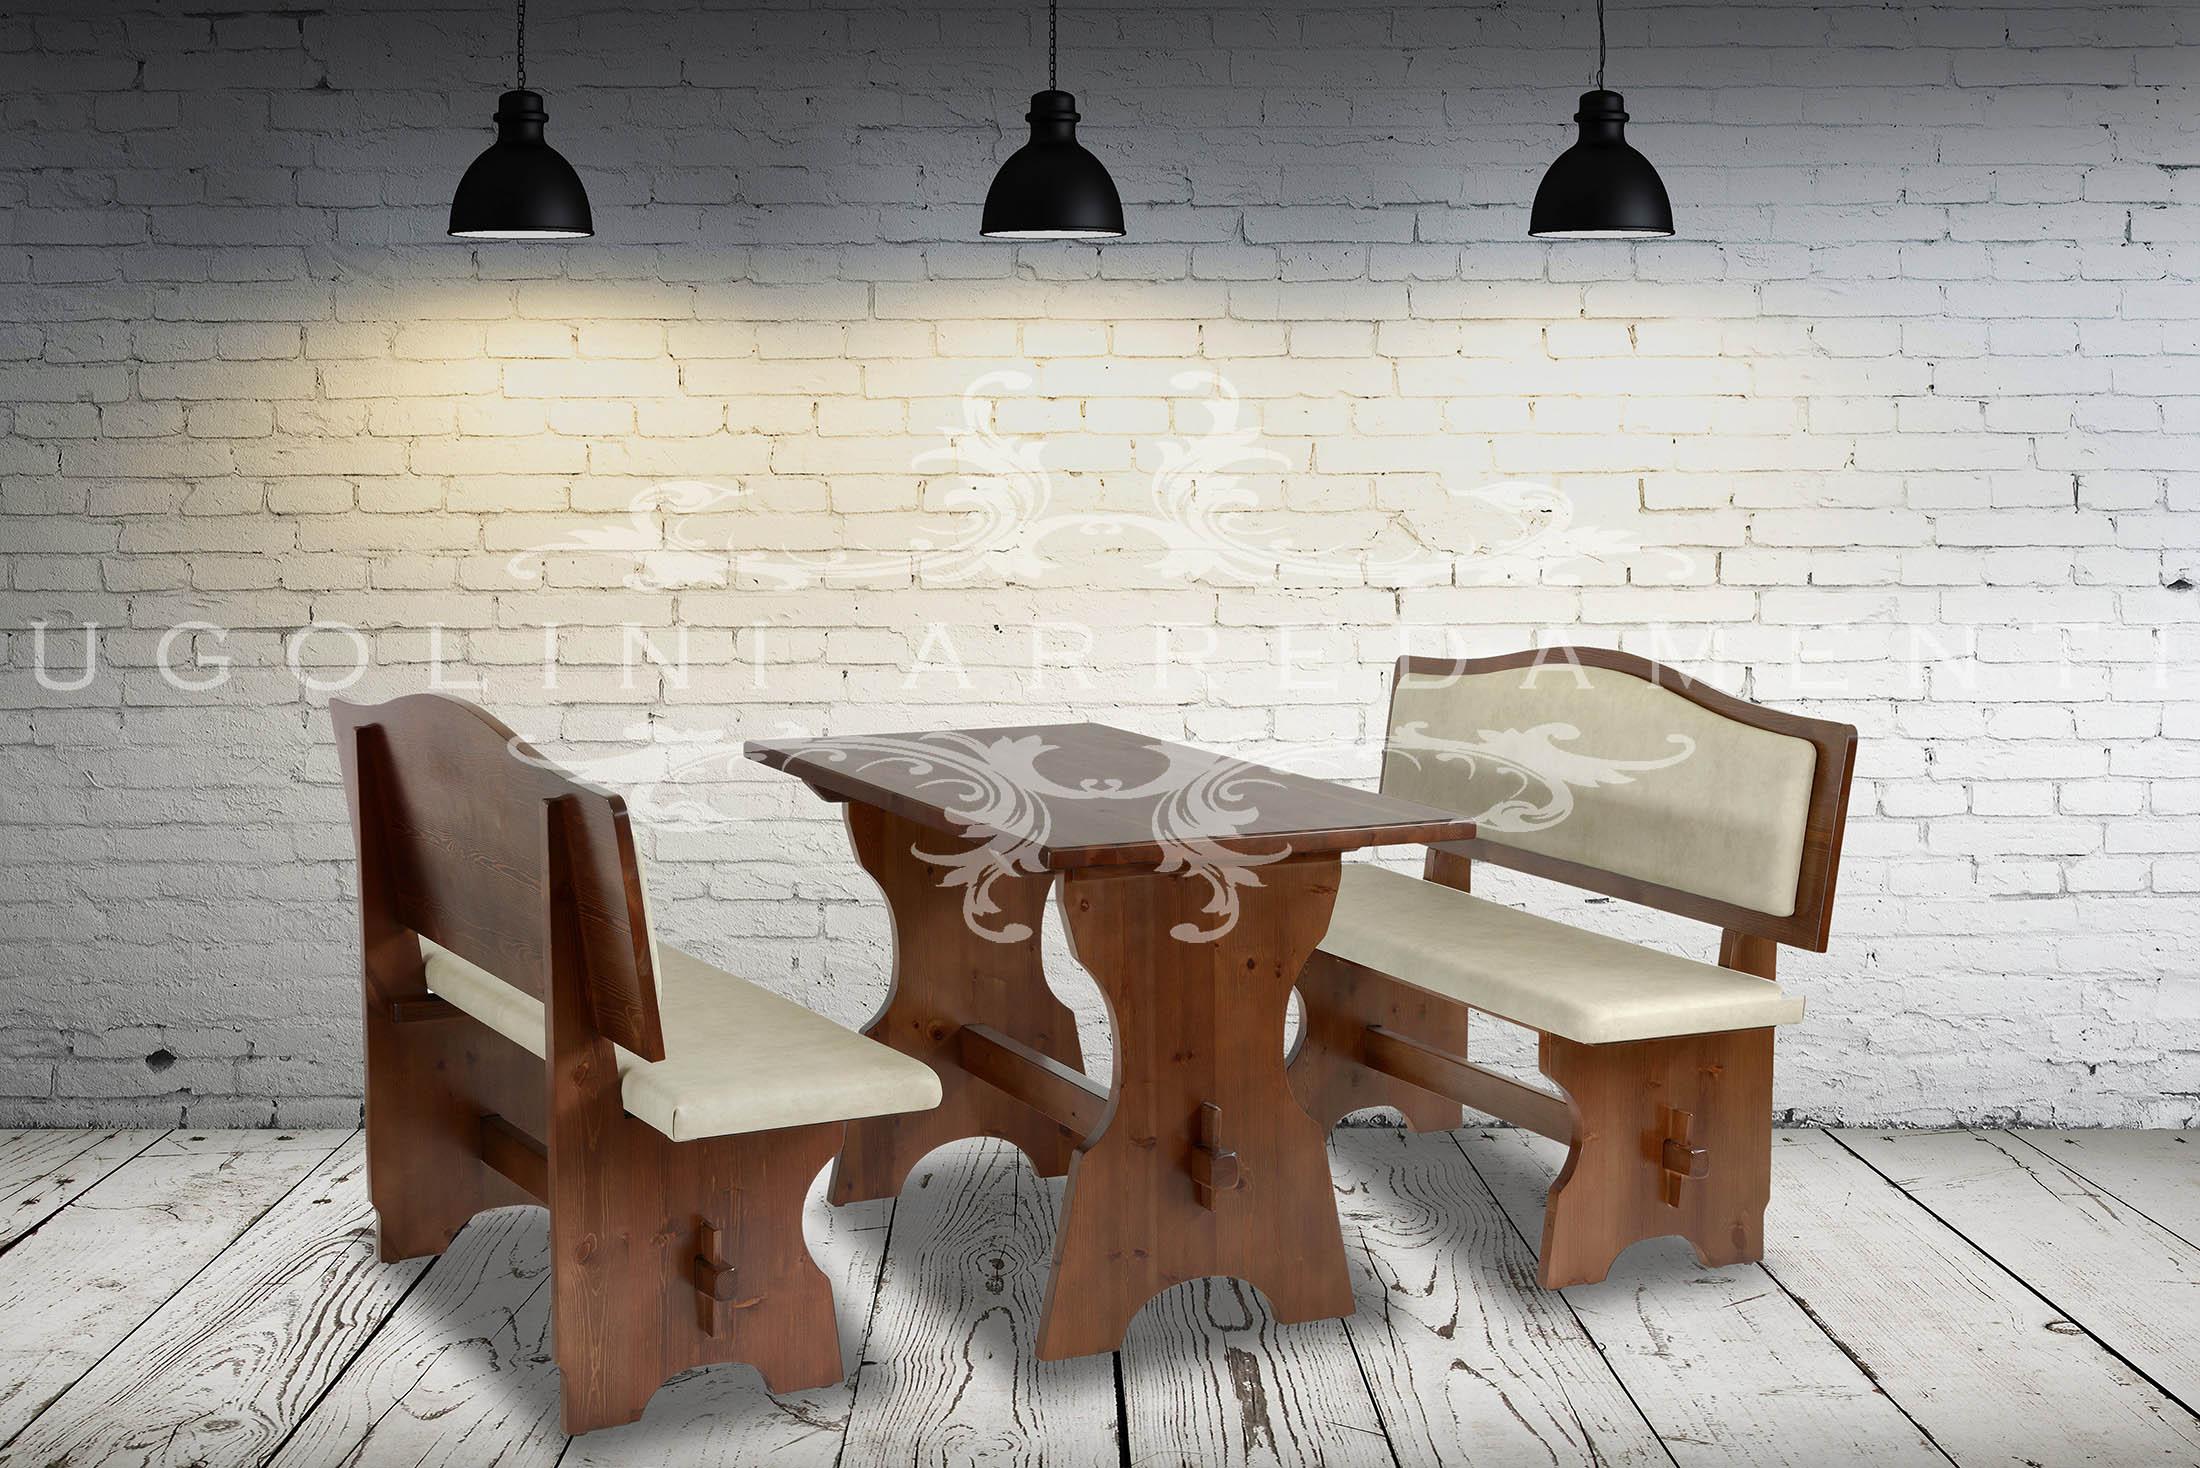 Panca rustica per ristoranti in legno di pino massello tinto noce con sedile e schienale in ecopelle